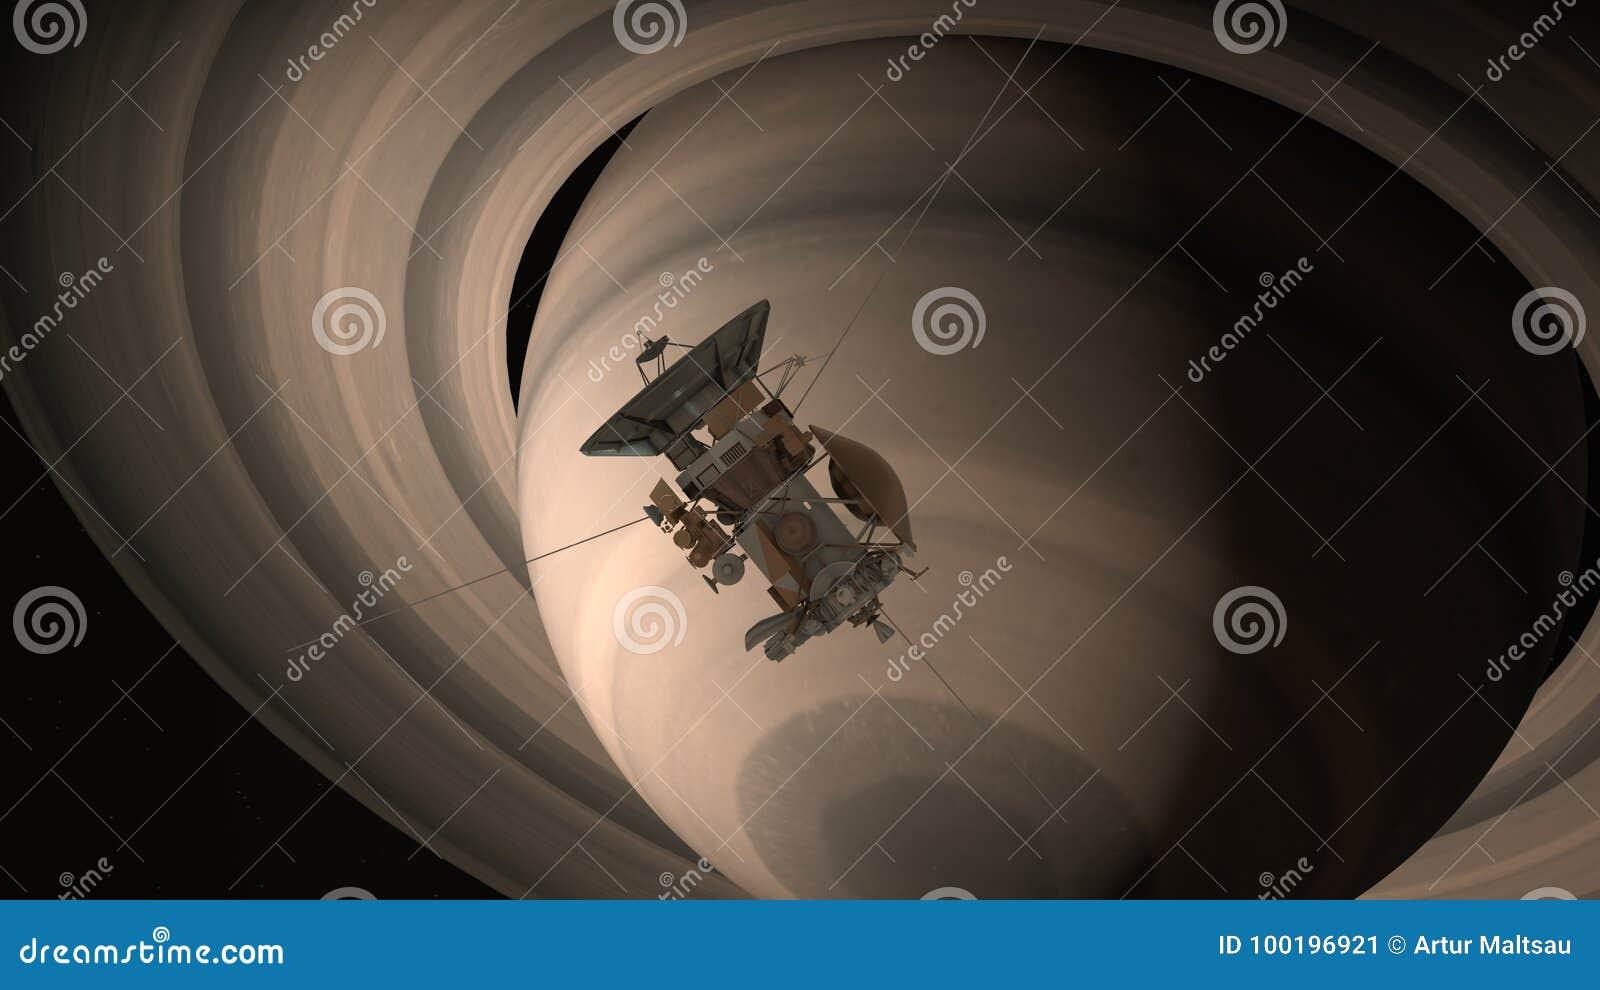 卫星卡西尼接近土星 卡西尼惠更斯是一台无人航天器被送到行星土星 CG动画 Elemen